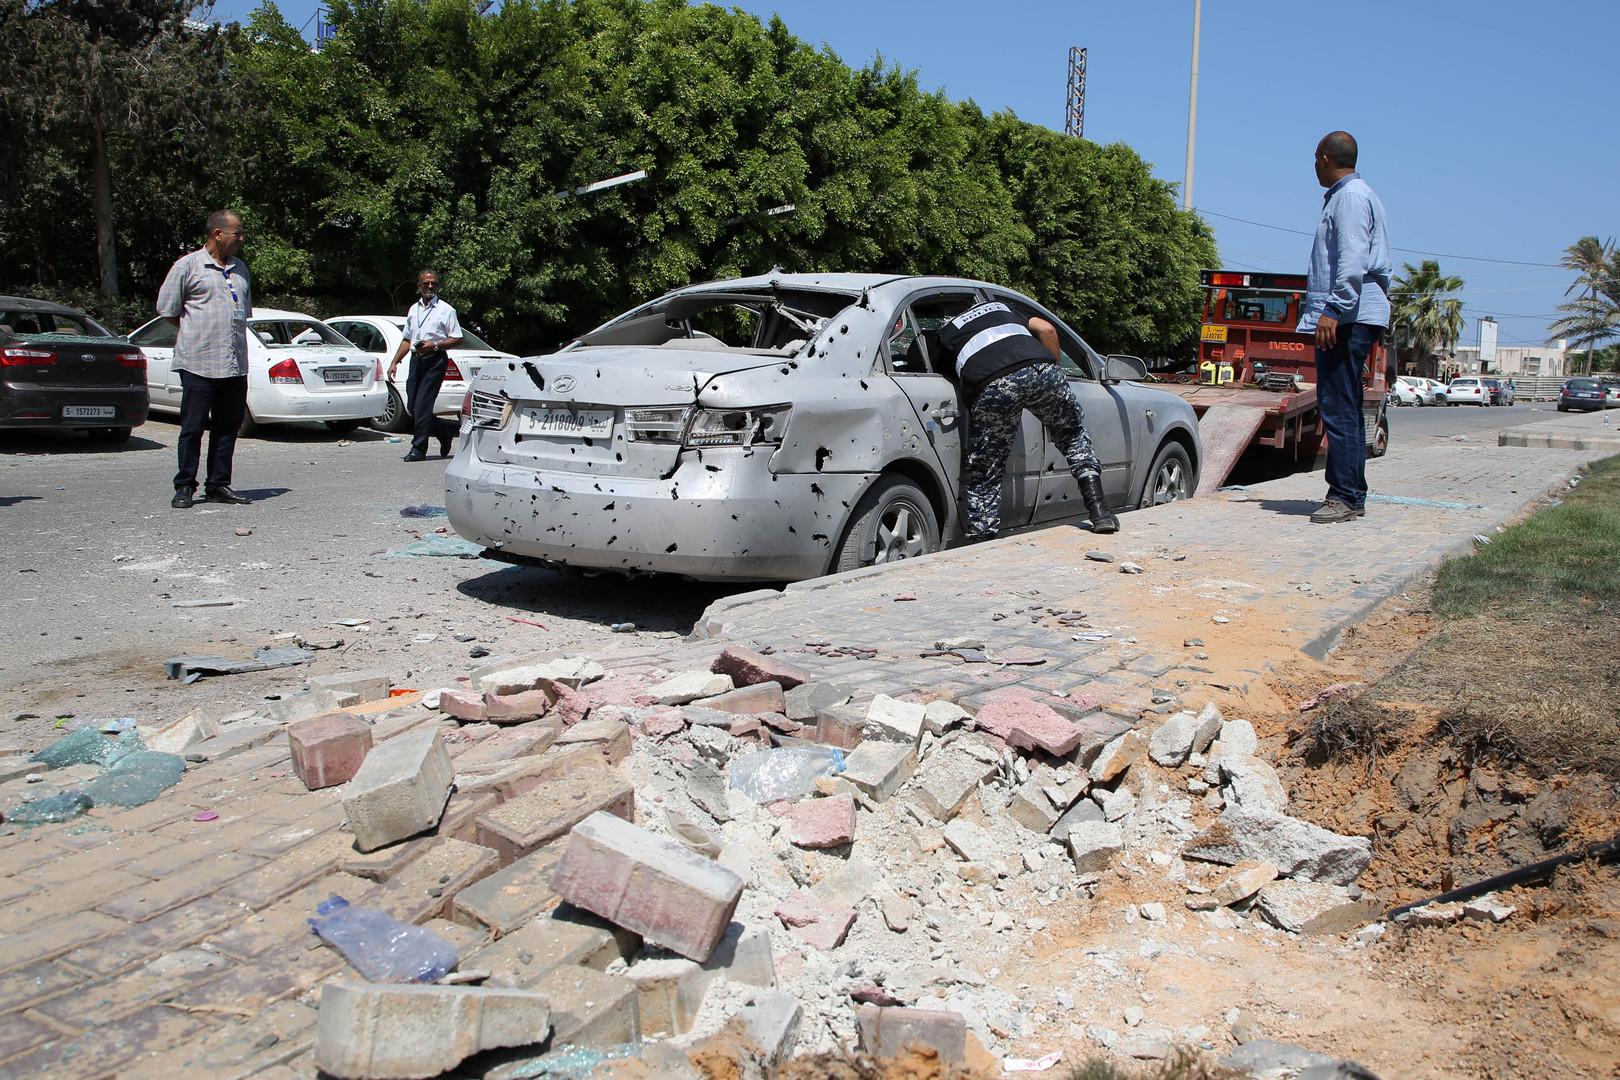 مقتل 4 مدنيين جراء قصف استهدف جنوب طرابلس الليبية